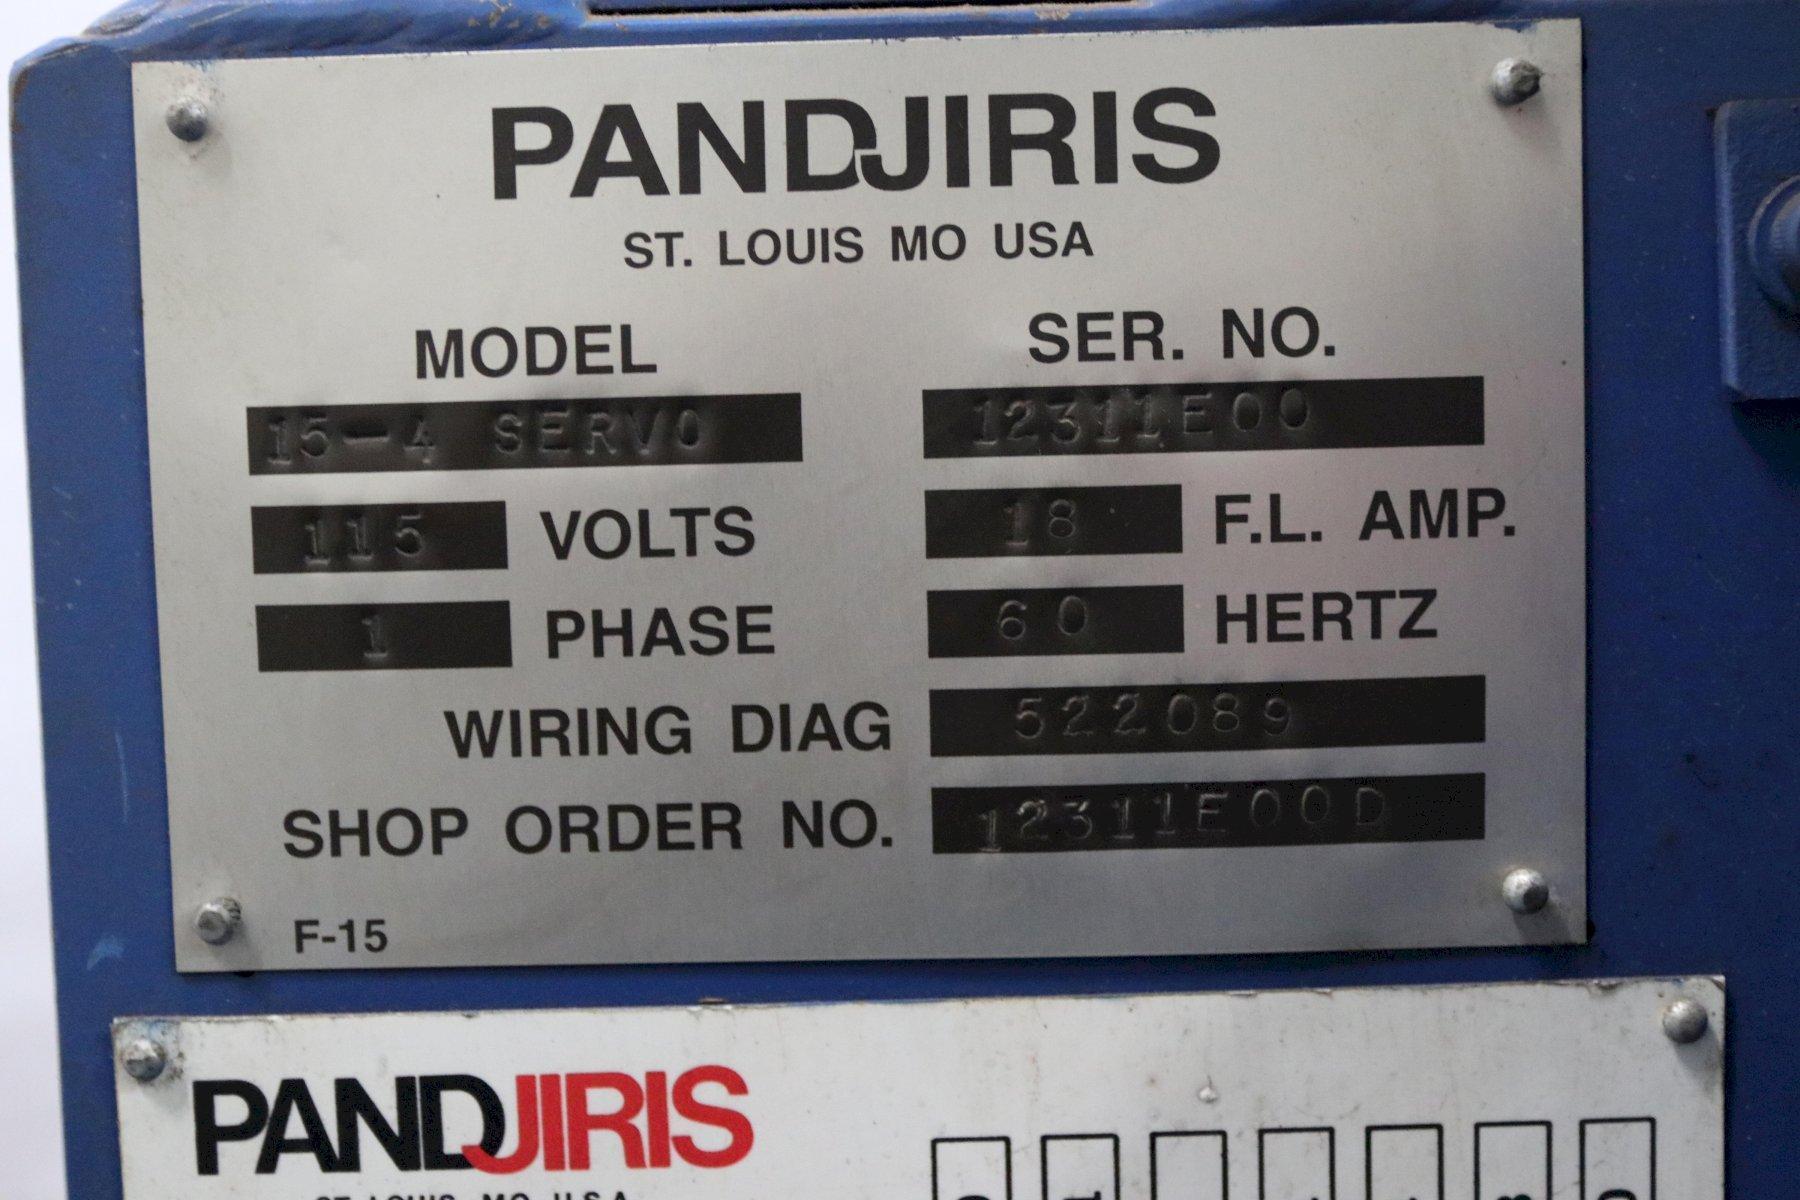 1500 LBS PANDJIRIS MODEL 15-4 SINGLE PHASE 110V WELDING POSITIONER: STOCK #12199